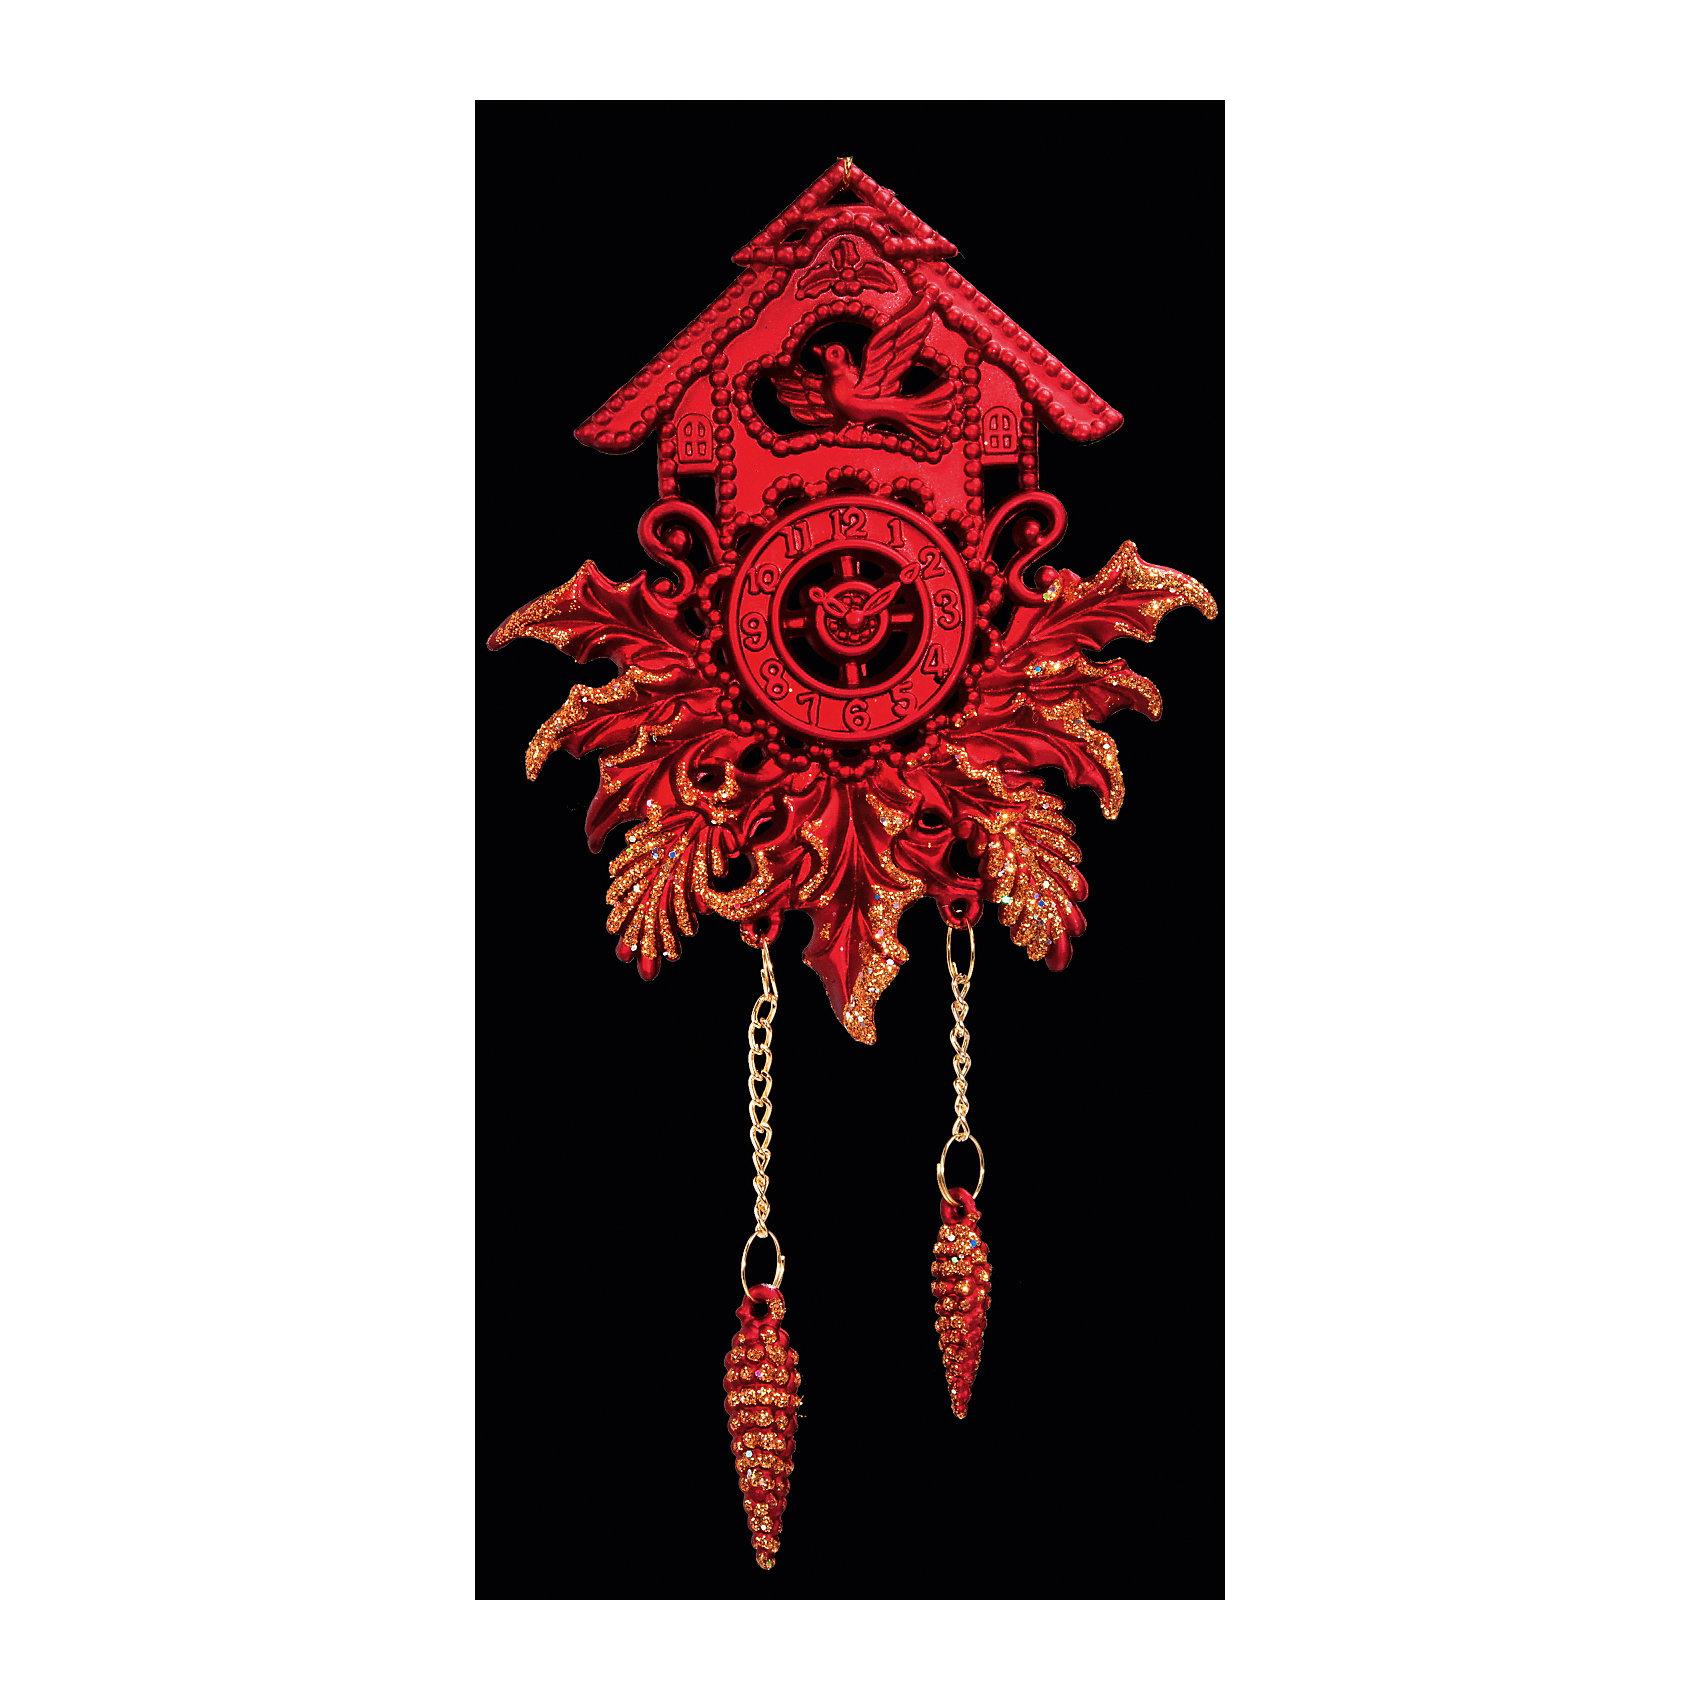 Украшение Часы с кукушкойНовинки Новый Год<br>Украшение Часы с кукушкой – такой же символ Нового года, как елка или Дед Мороз со Снегурочкой: ярко красные с позолотой с шишечками в роли гирек сделают Вашу елку по-настоящему волшебной! А наряжая елку этой замечательной игрушкой вместе с детьми, Вы получите несколько часов замечательного общения и сделаете праздничным свой интерьер! <br><br>Дополнительная информация:<br>-Материалы: пластик<br>-Размер в упаковке: 9,5х1х18 см<br>-Вес в упаковке: 42 г<br>-Размер: 18 см<br><br>Украшение Часы с кукушкой можно купить в нашем магазине.<br><br>Ширина мм: 95<br>Глубина мм: 10<br>Высота мм: 180<br>Вес г: 42<br>Возраст от месяцев: 84<br>Возраст до месяцев: 2147483647<br>Пол: Унисекс<br>Возраст: Детский<br>SKU: 4286708